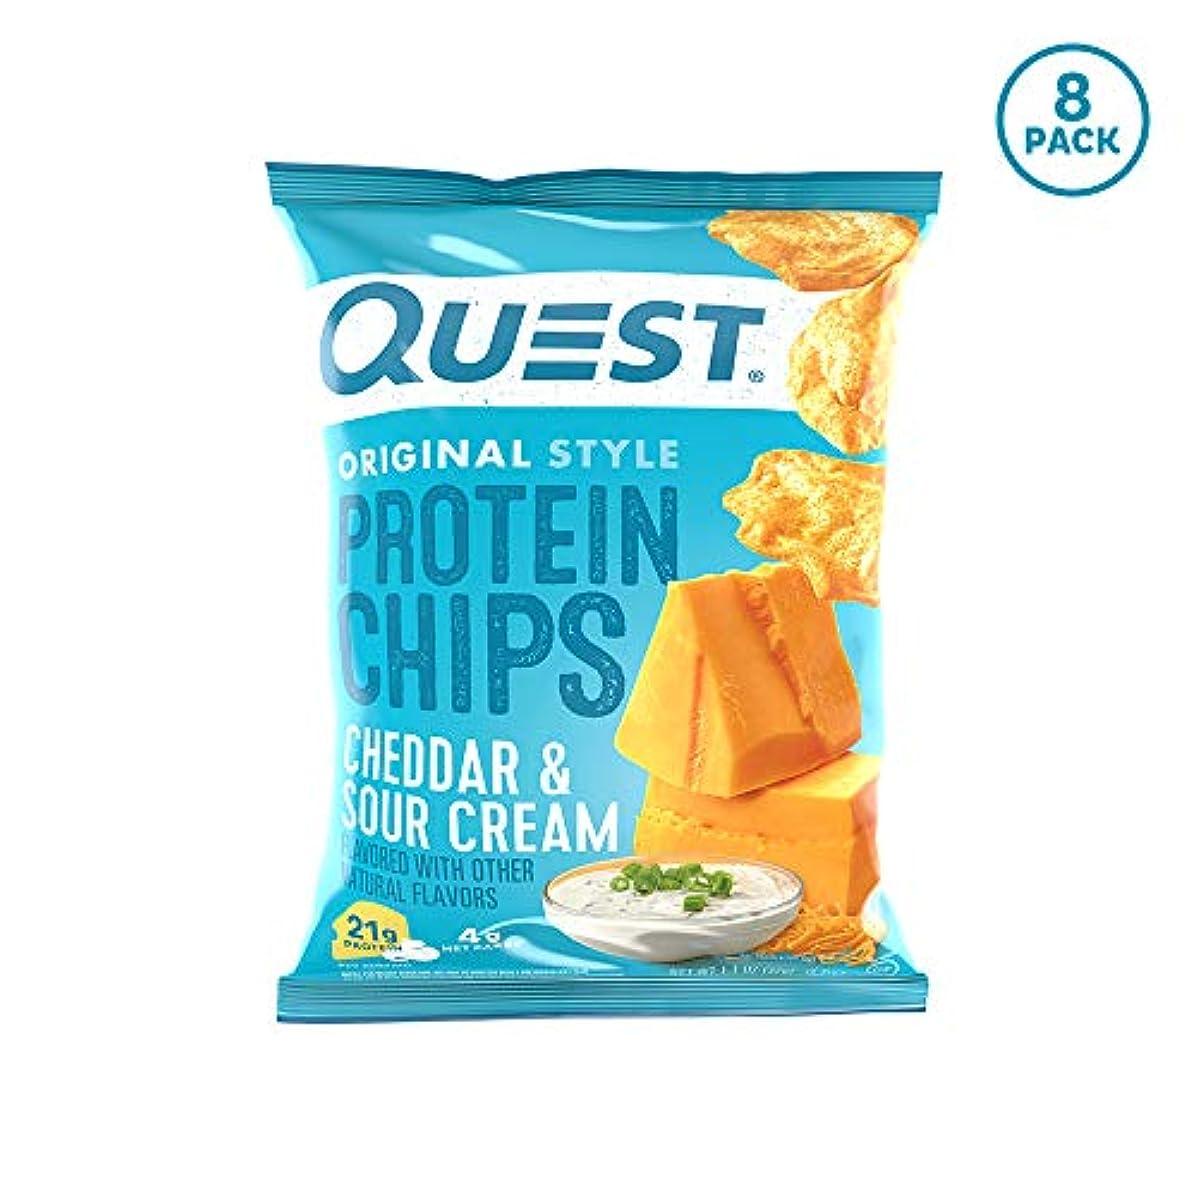 役立つ孤児怒るプロテイン チップス チェダーサワークリーム フレイバー クエスト 8袋セット 並行輸入品 Quest Nutrition Protein Chips Cheddar & Sour Cream Pack of 8 海外直送品